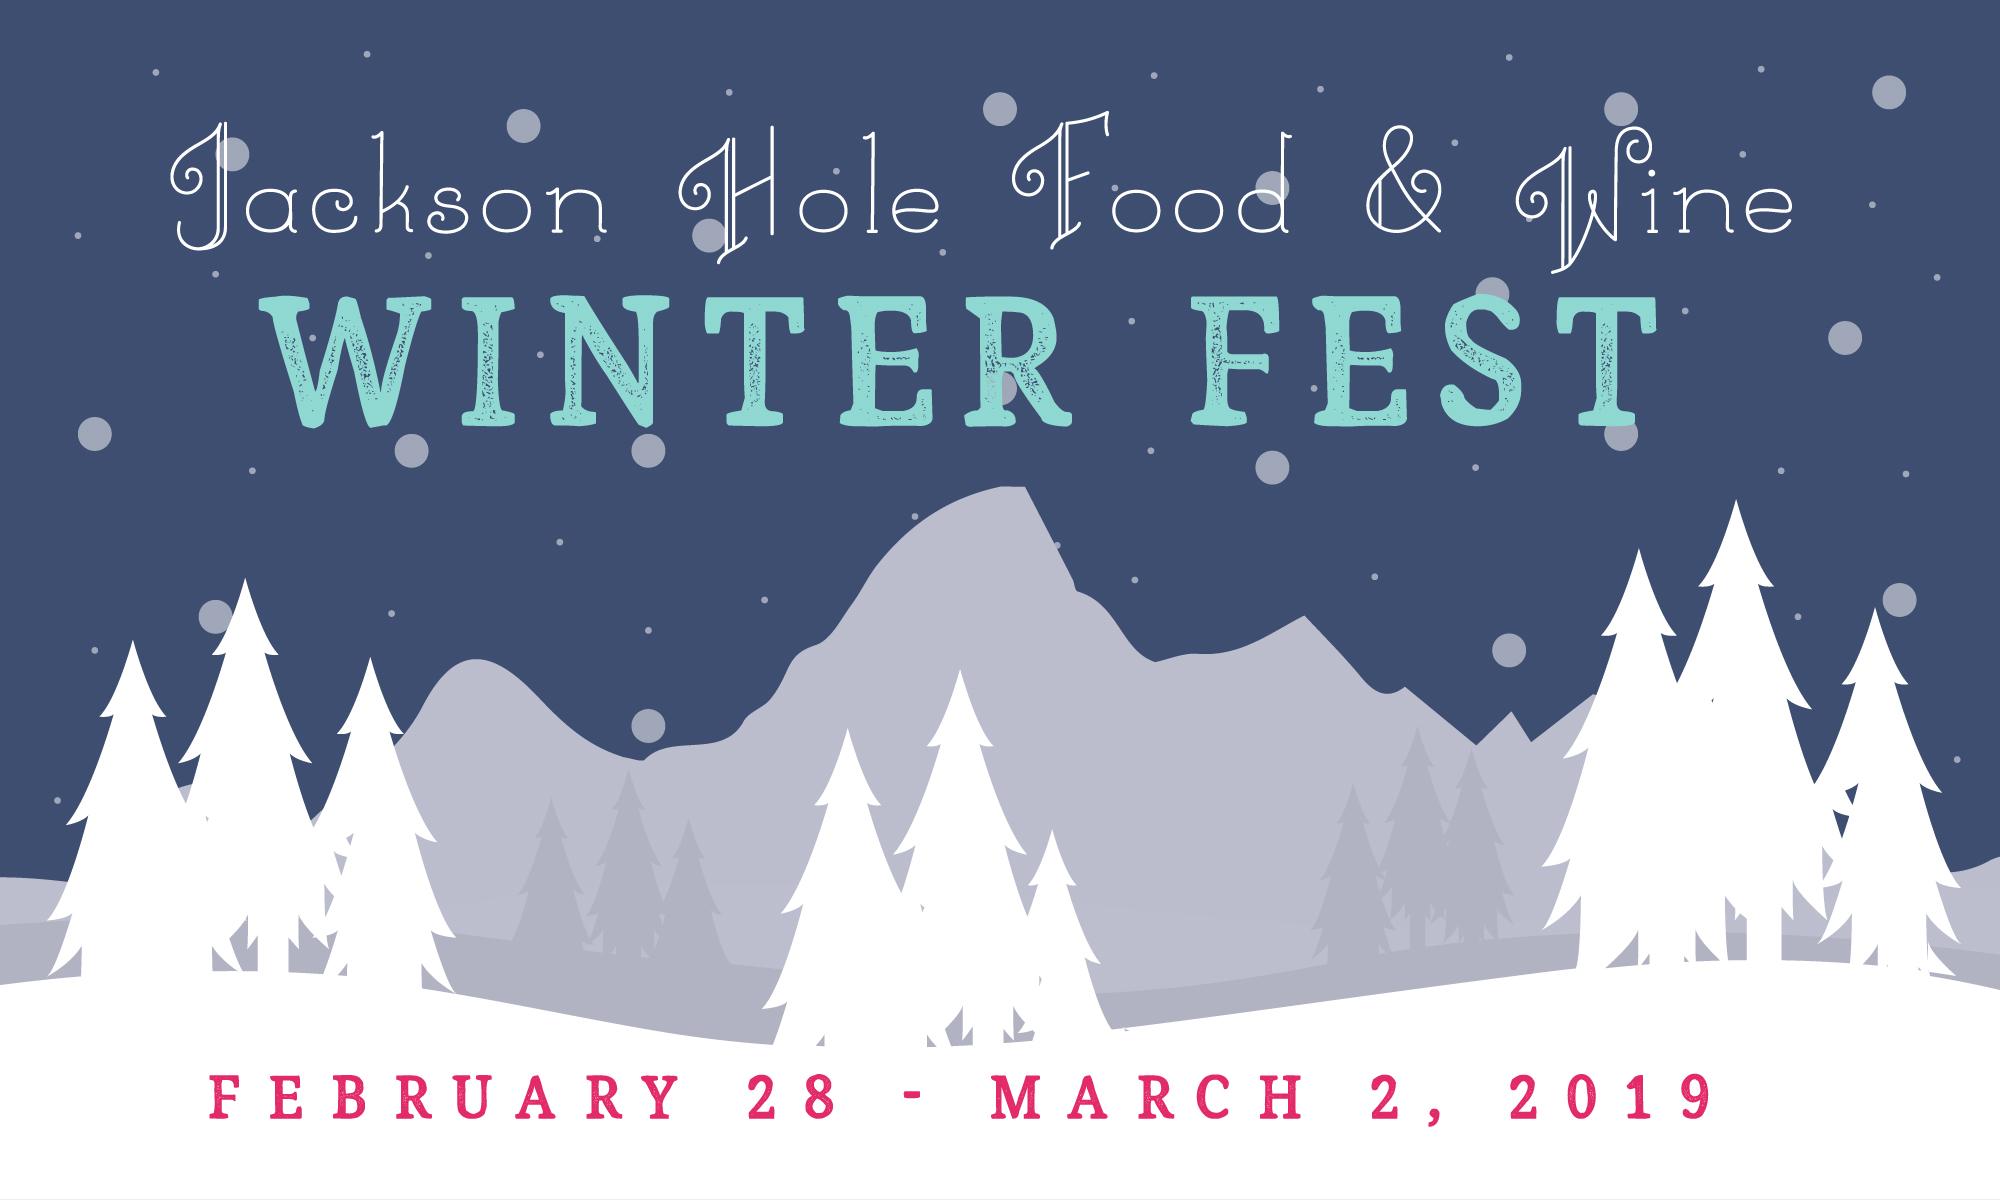 Jackson Hole Food & Wine Winter Fest 2019